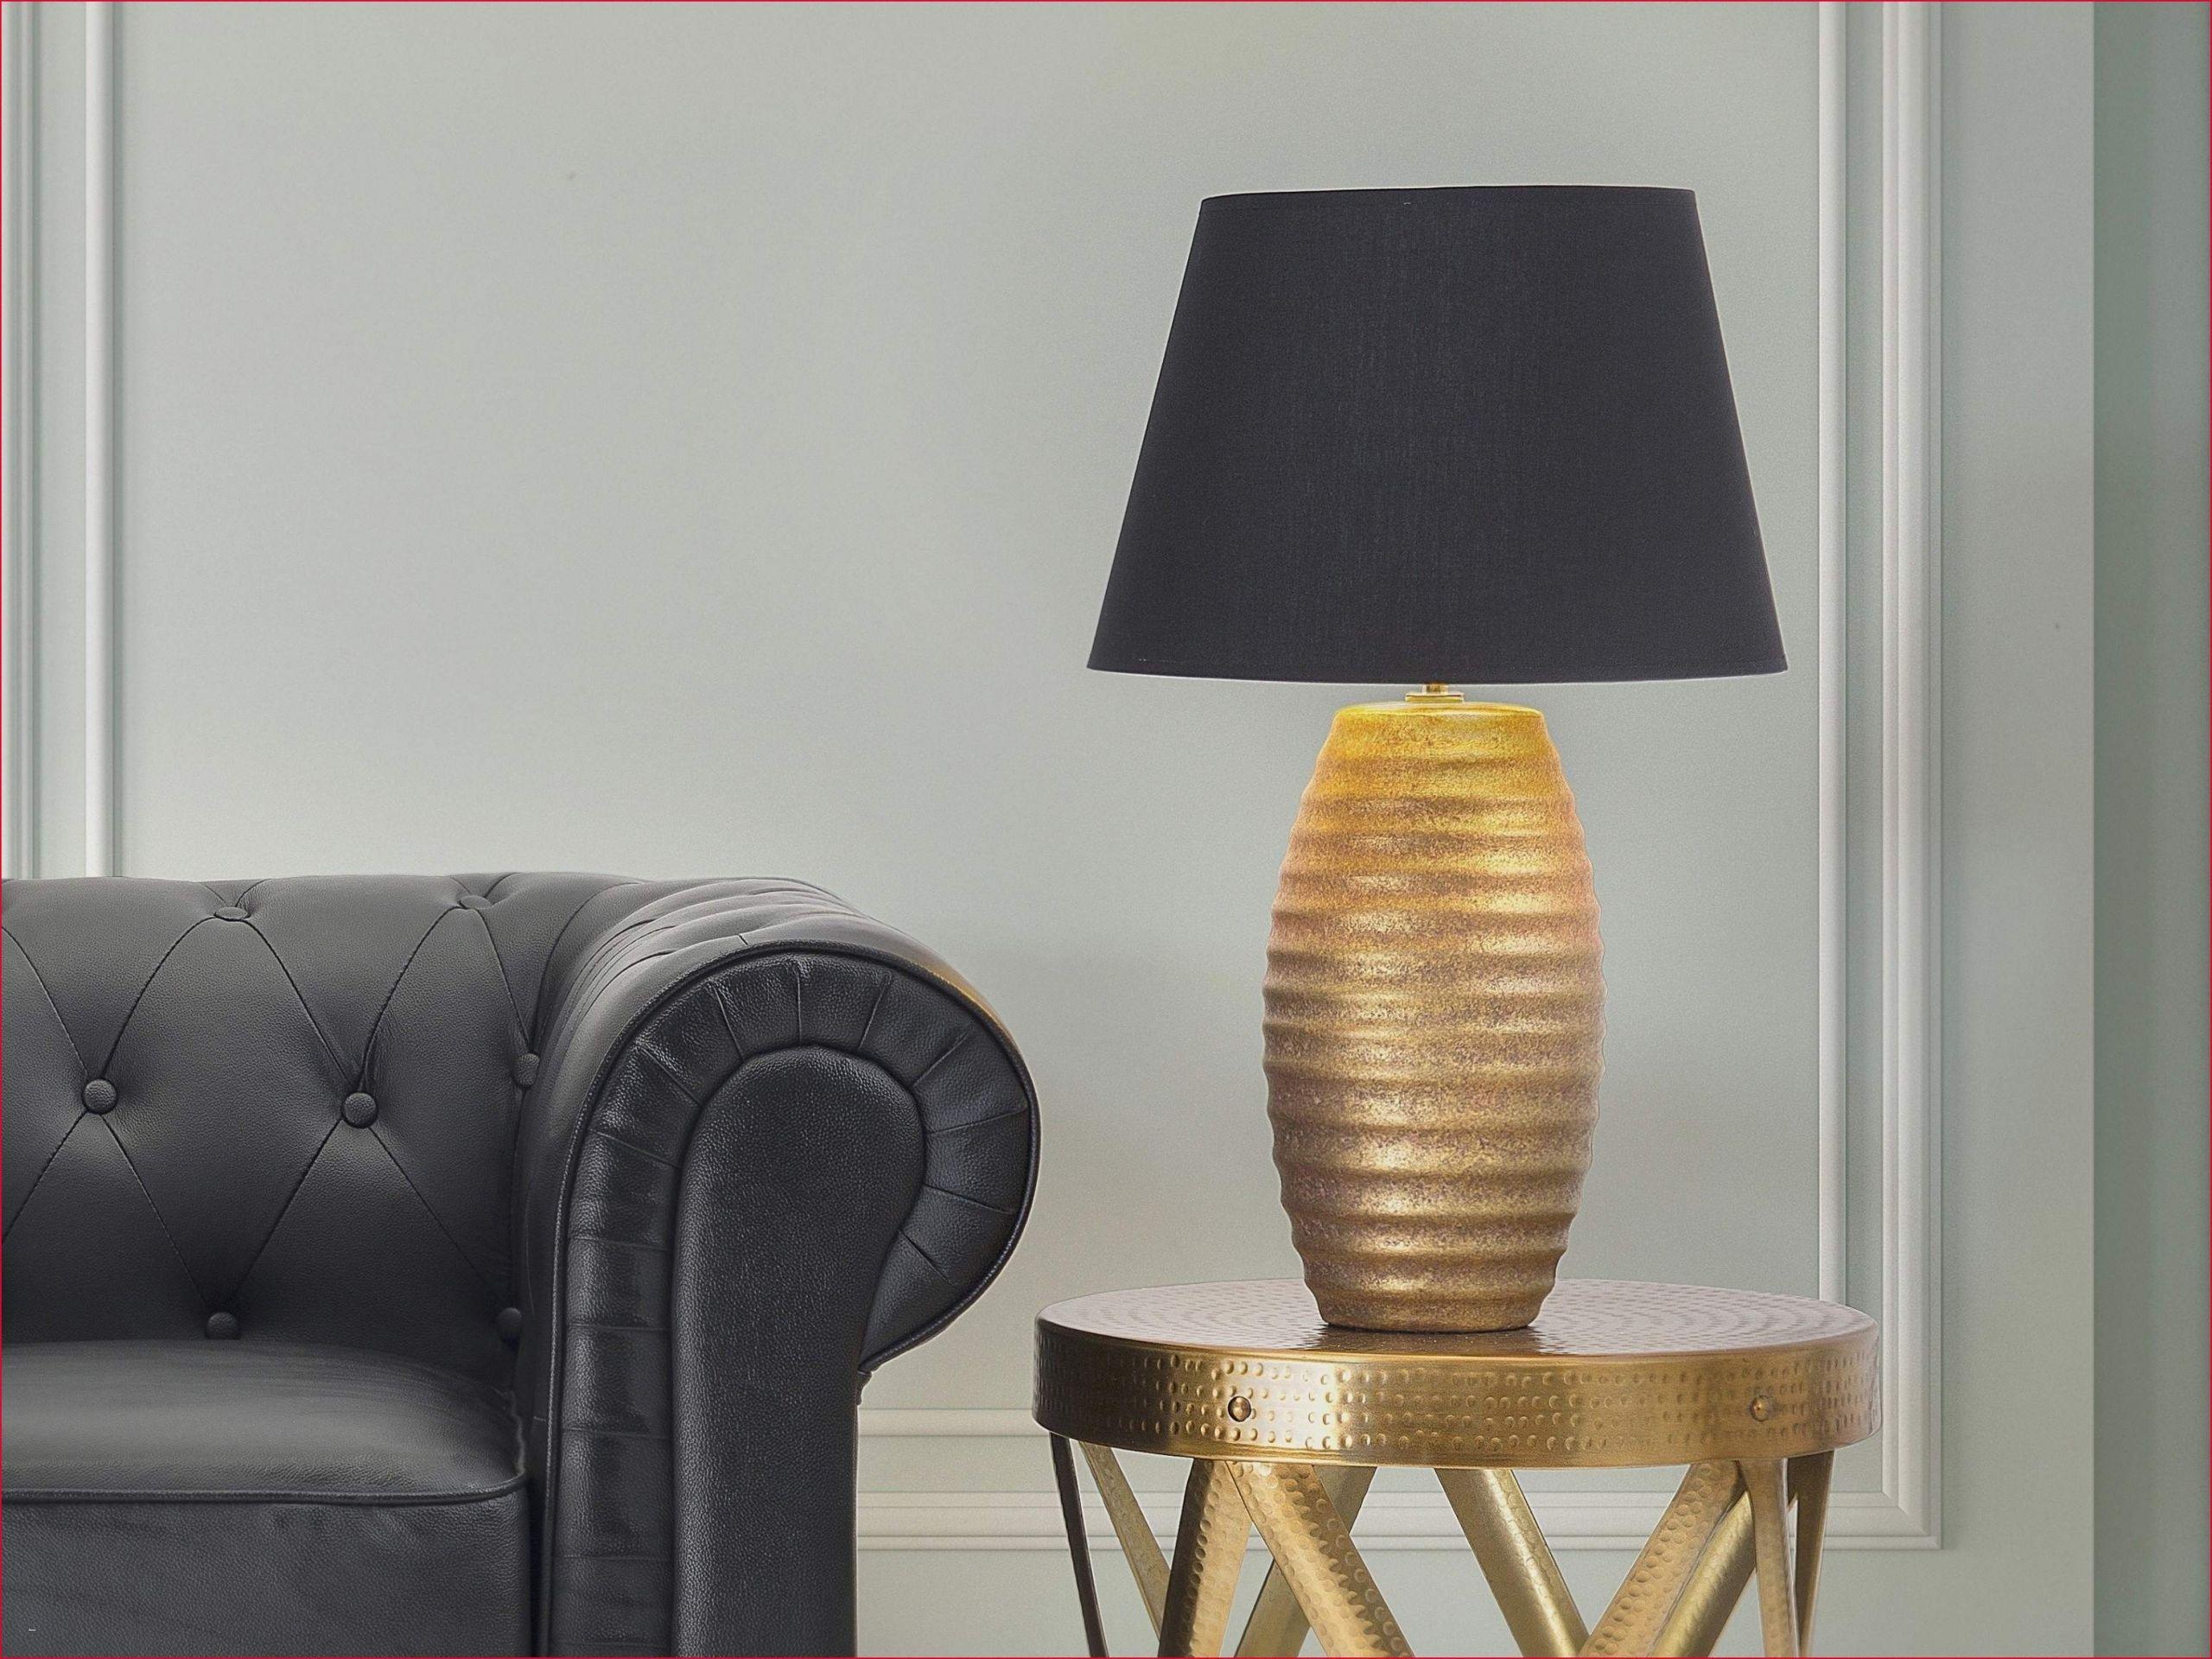 Full Size of Lampen Wohnzimmer Decke Ikea Neu 39 Luxus Led Leuchten Fototapete Tagesdecken Für Betten Deckenlampe Beleuchtung Deckenlampen Wohnwand Vorhang Hängeschrank Wohnzimmer Lampen Wohnzimmer Decke Ikea